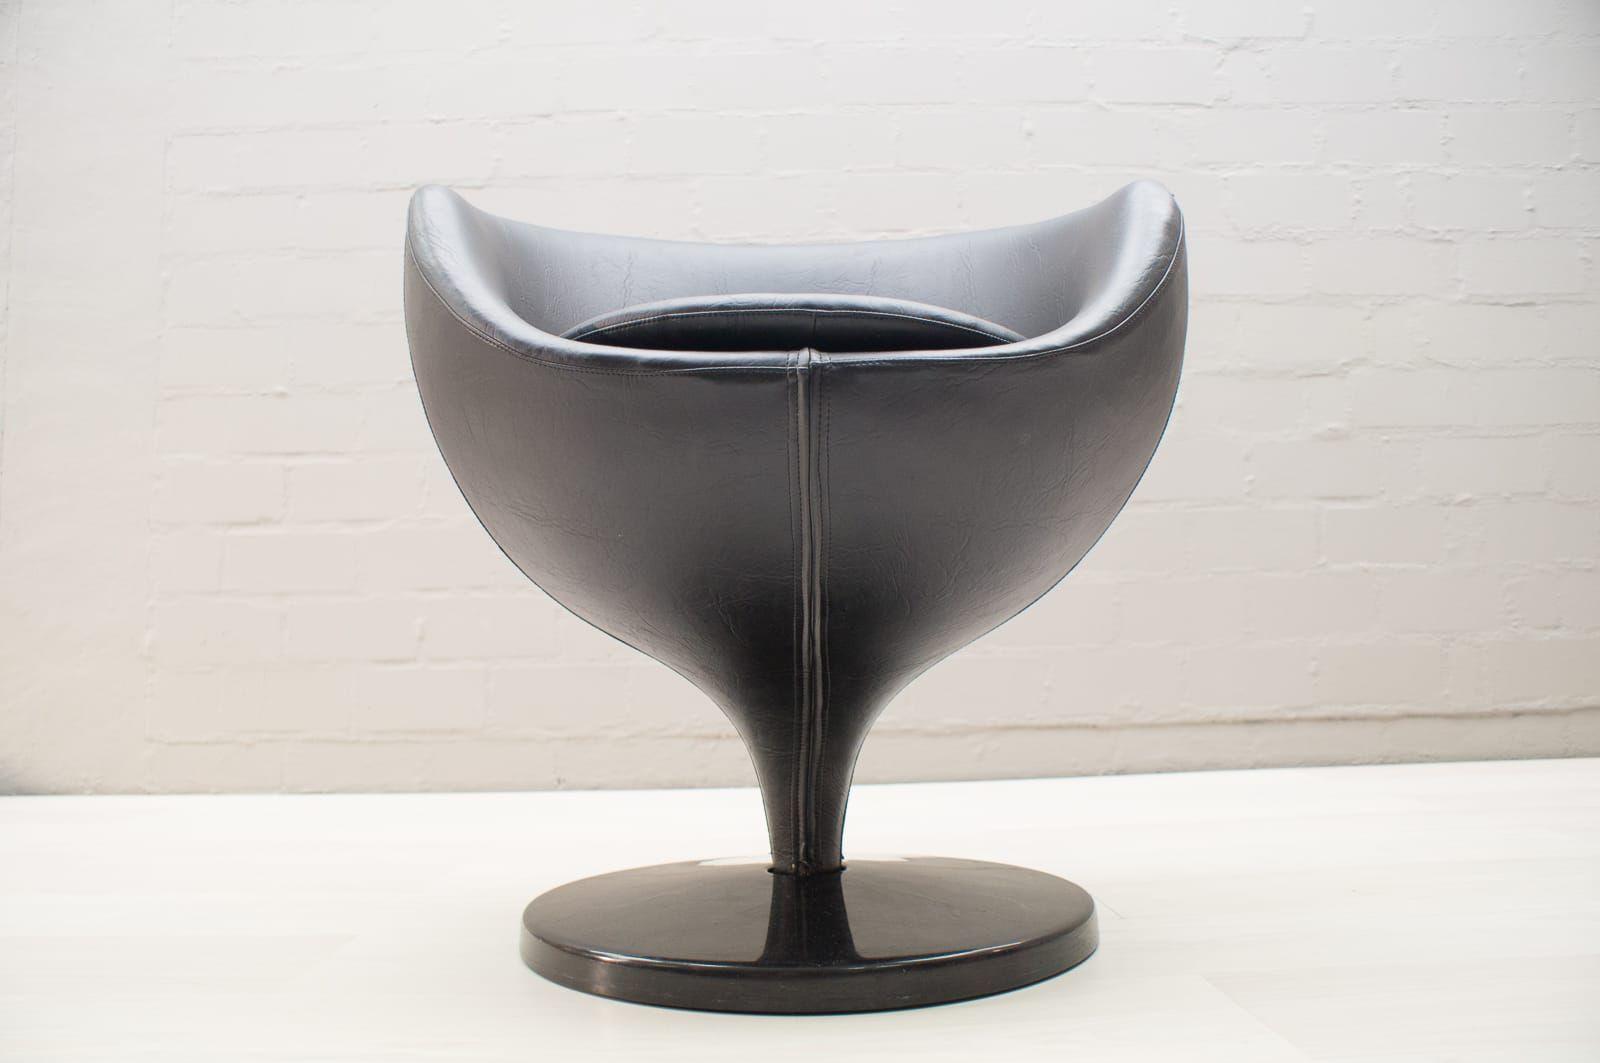 fauteuil boule par pierre guariche pour meurop 1960s 1 Résultat Supérieur 5 Bon Marché Fauteuil Boule Photos 2017 Shdy7